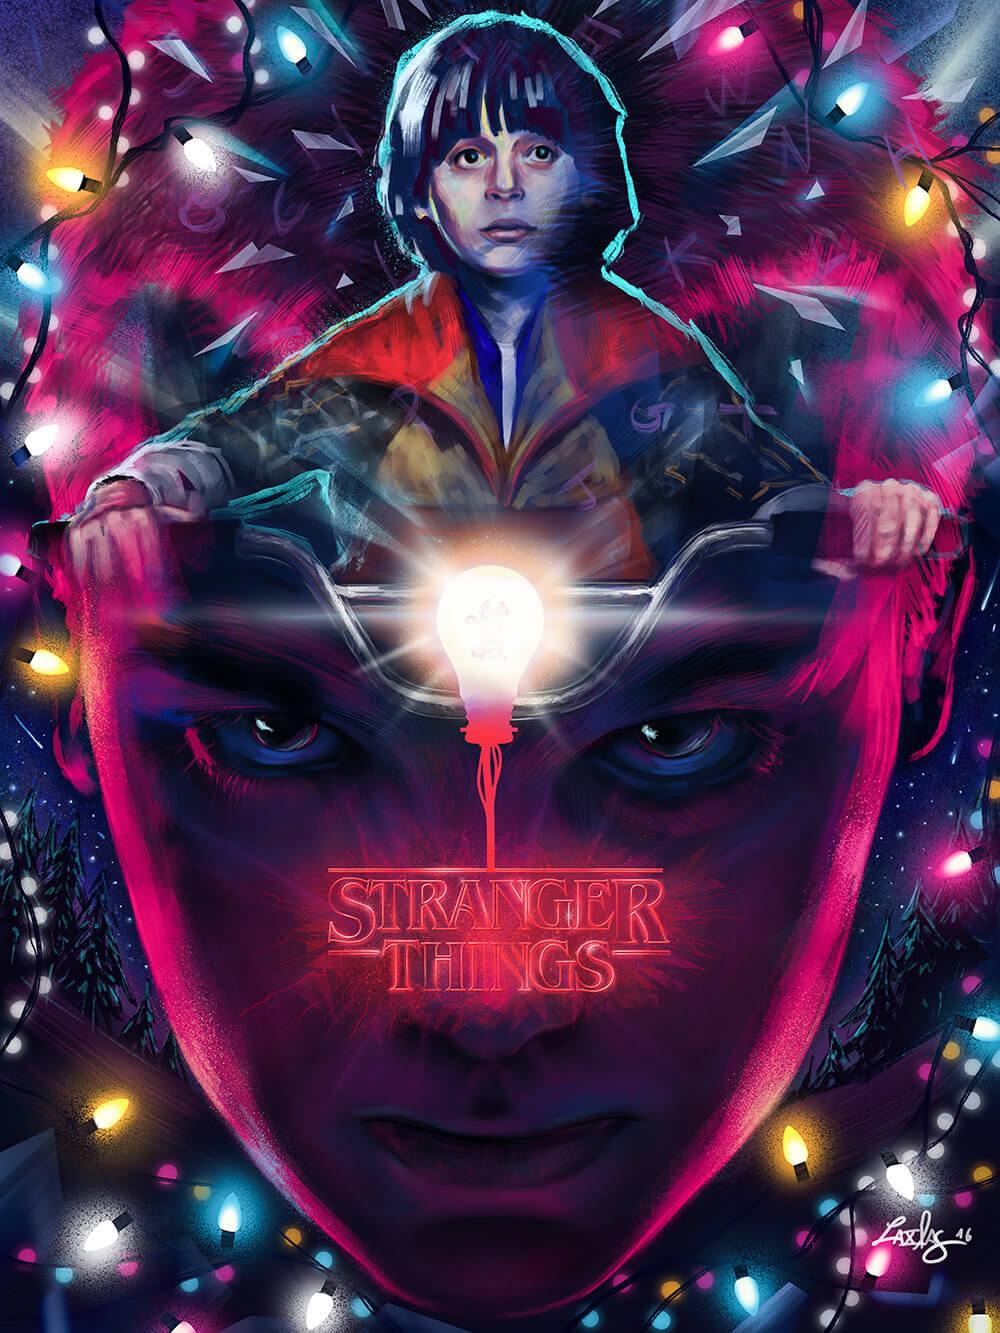 Stranger-Things-Alternative-poster-paintingHD-WEB.jpg